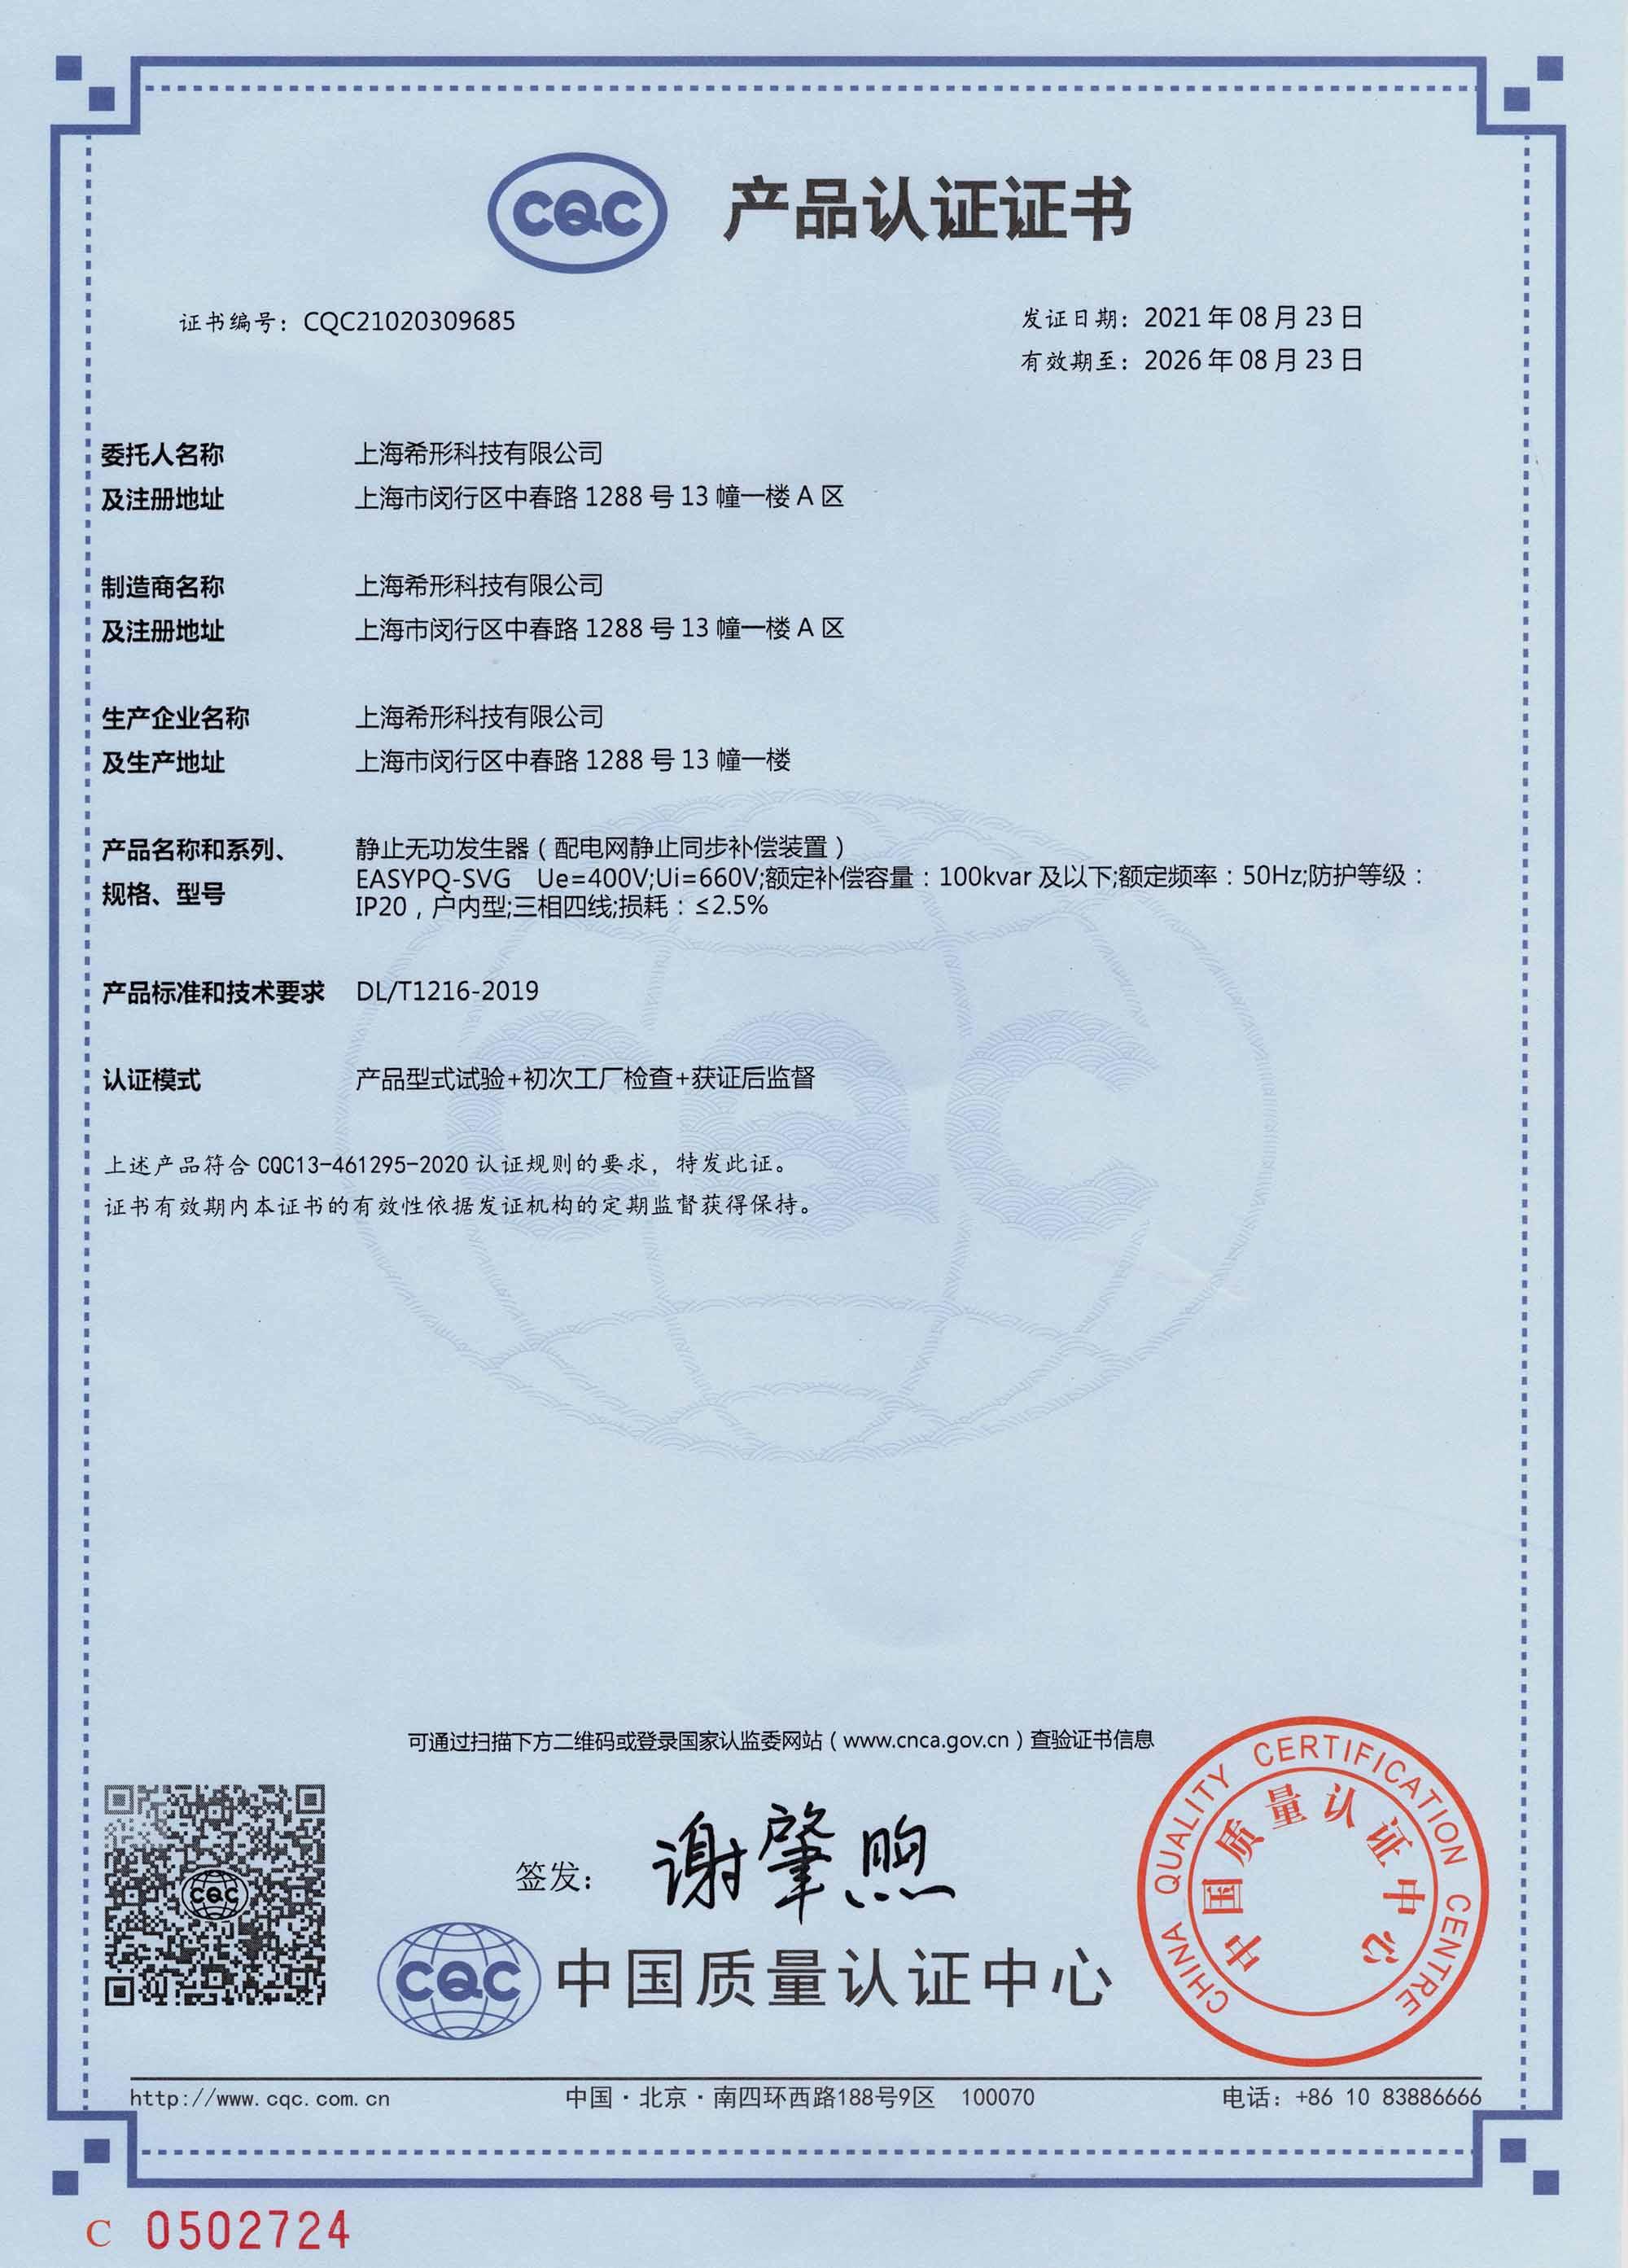 CQC认证证书中文